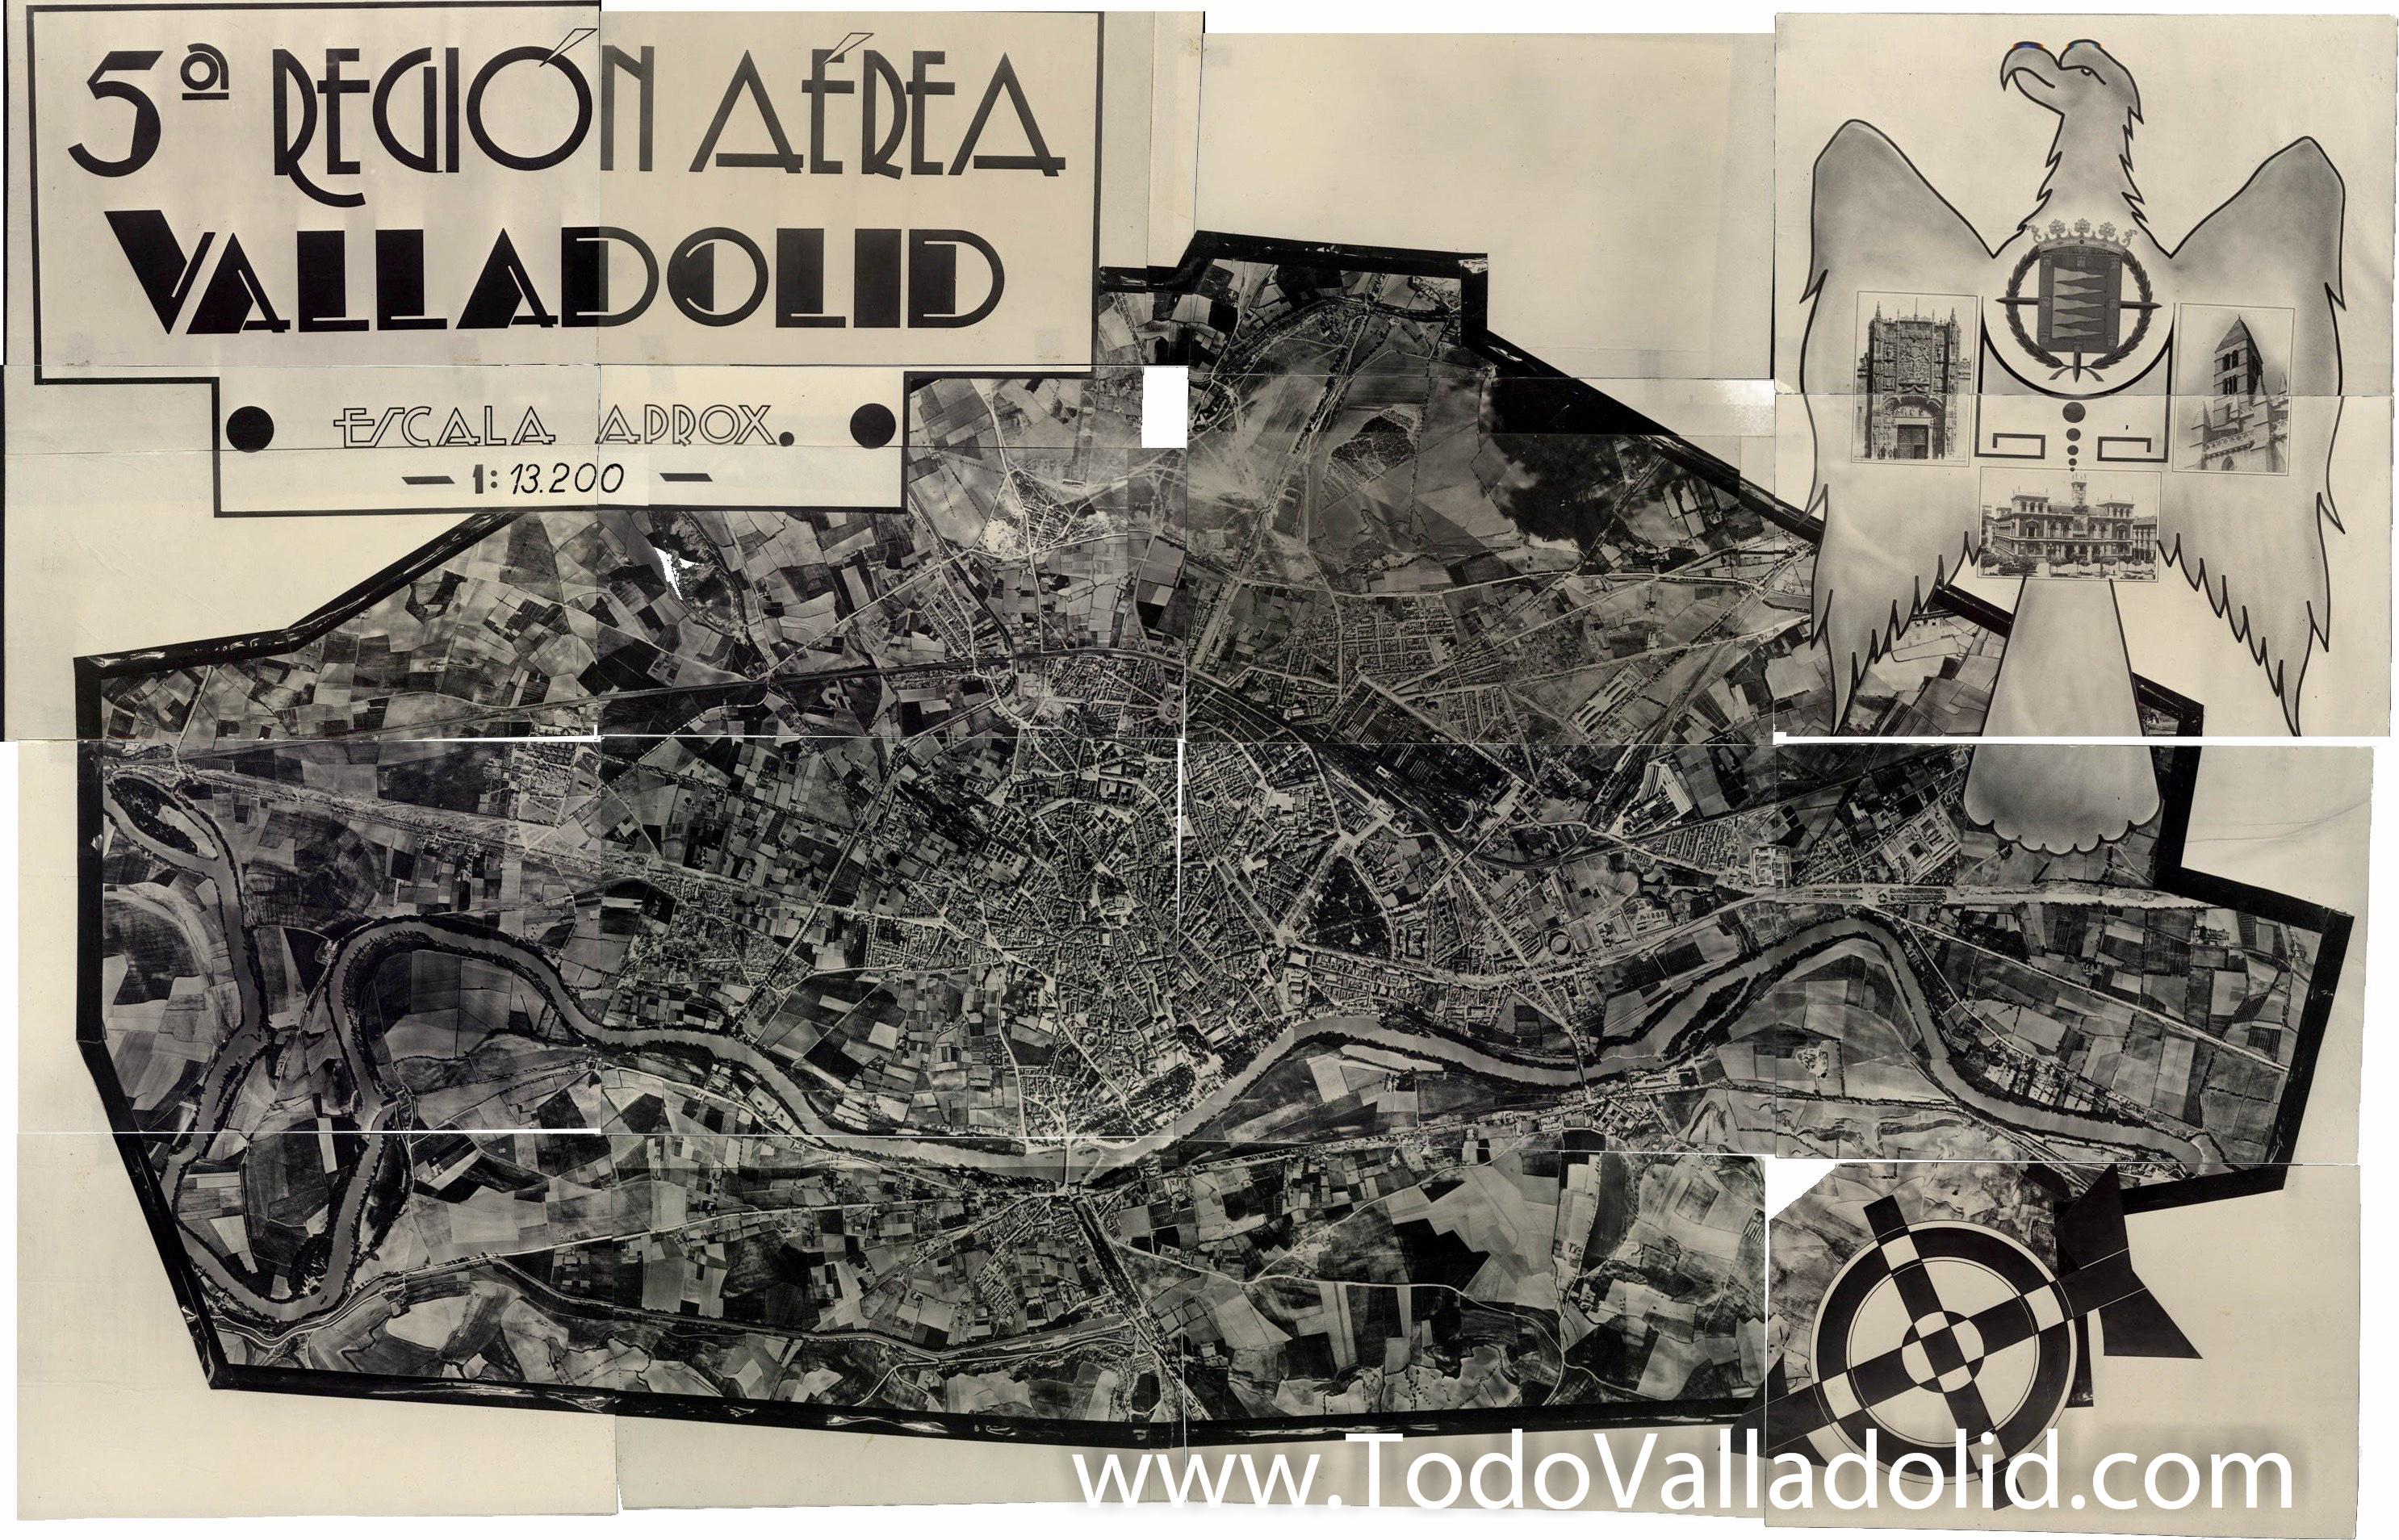 Fotografía aérea de Valladolid anterior a 1953